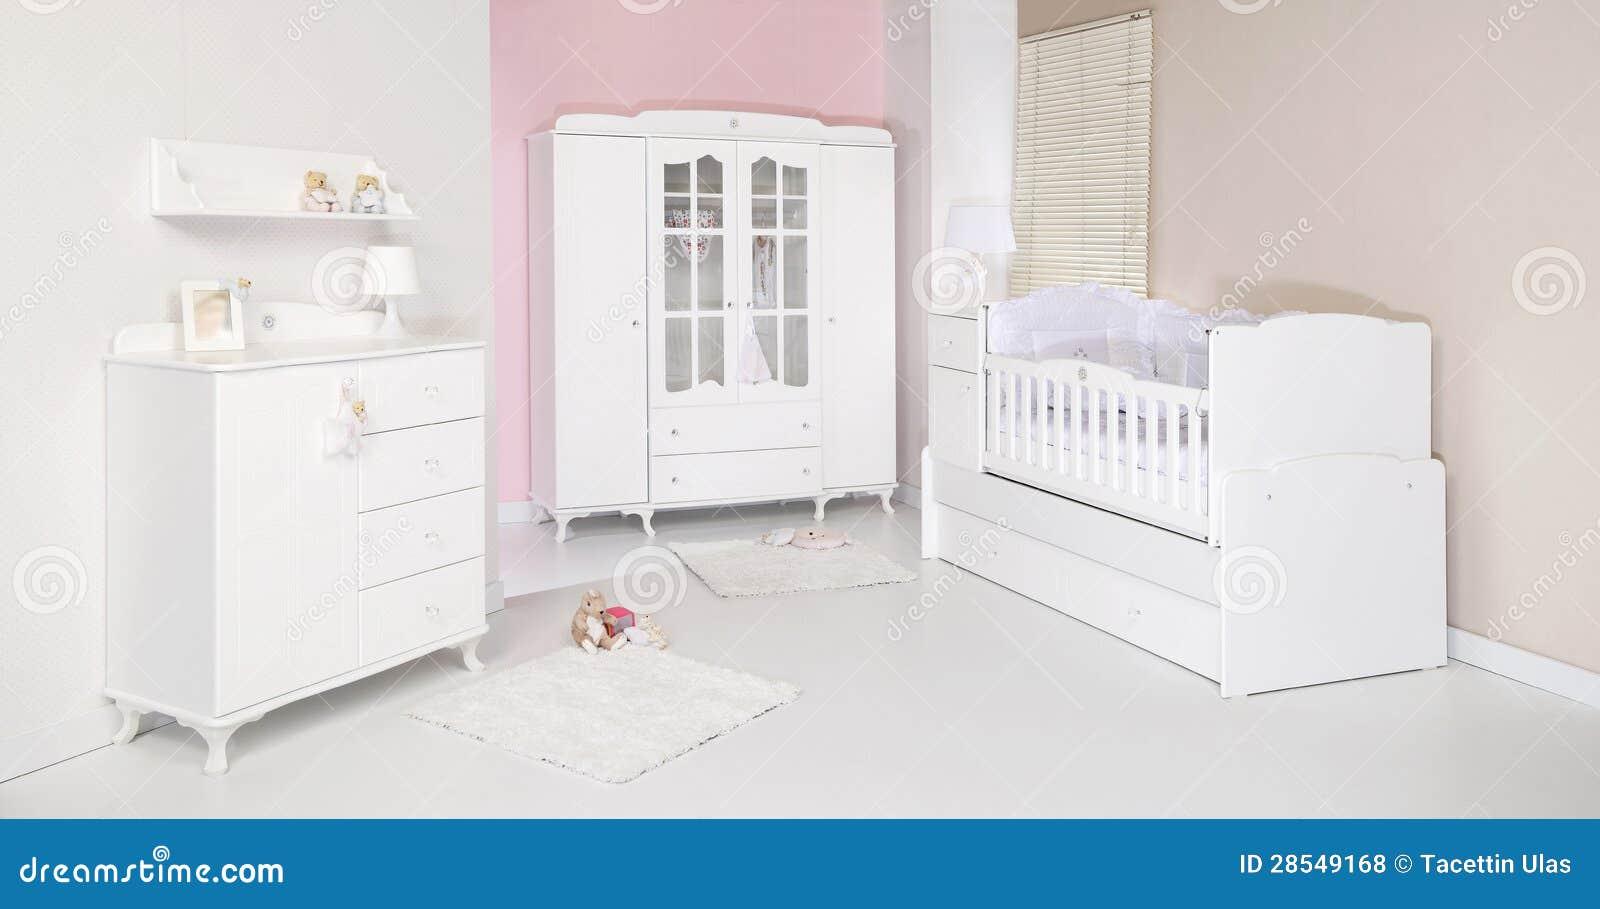 De ruimte van de baby stock foto afbeelding bestaande uit draag 28549168 - Ruimte jongensbaby ...